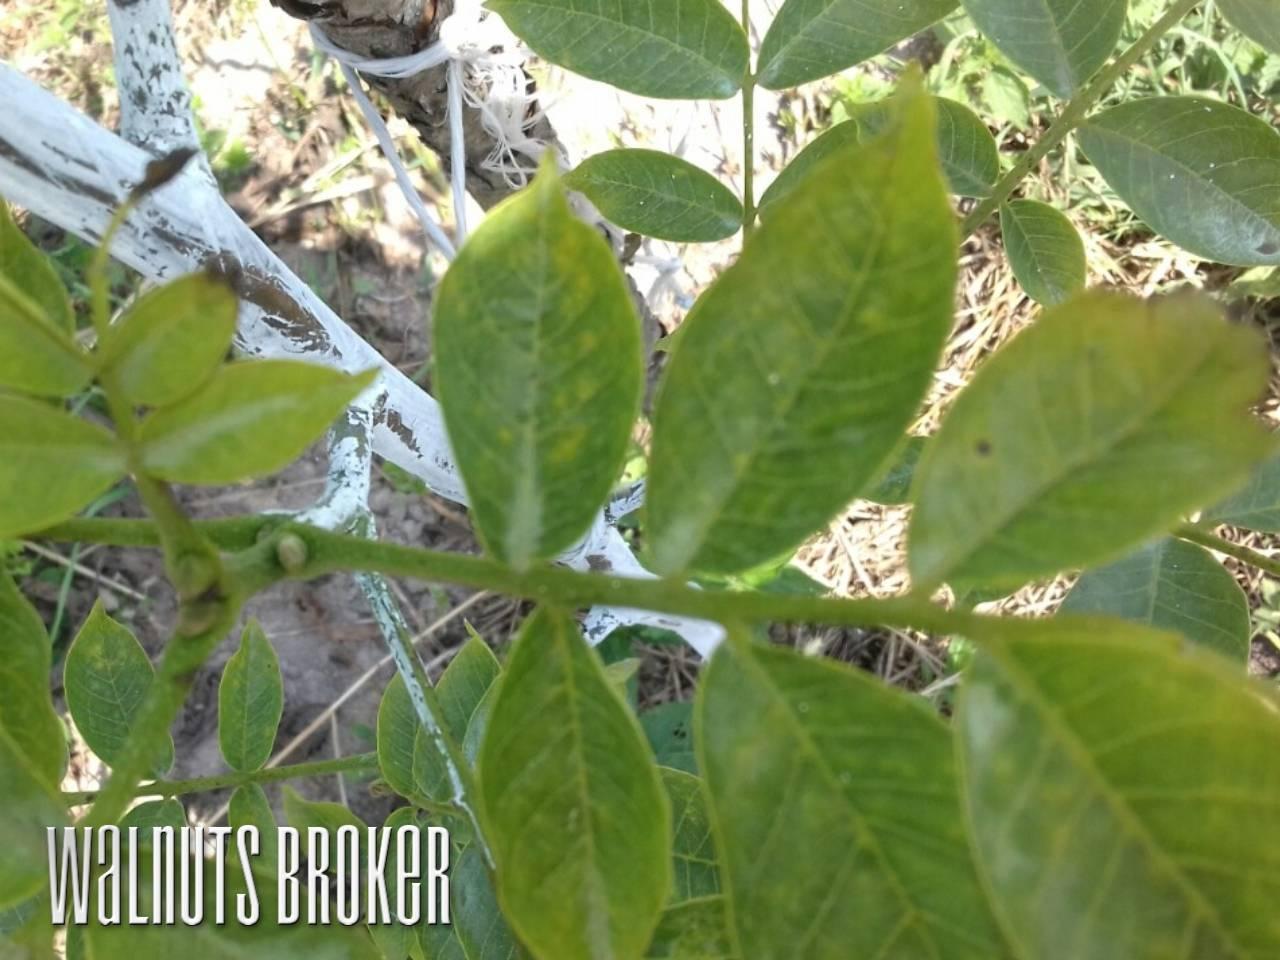 Болезни грецкого ореха и их лечение – советы садоводам